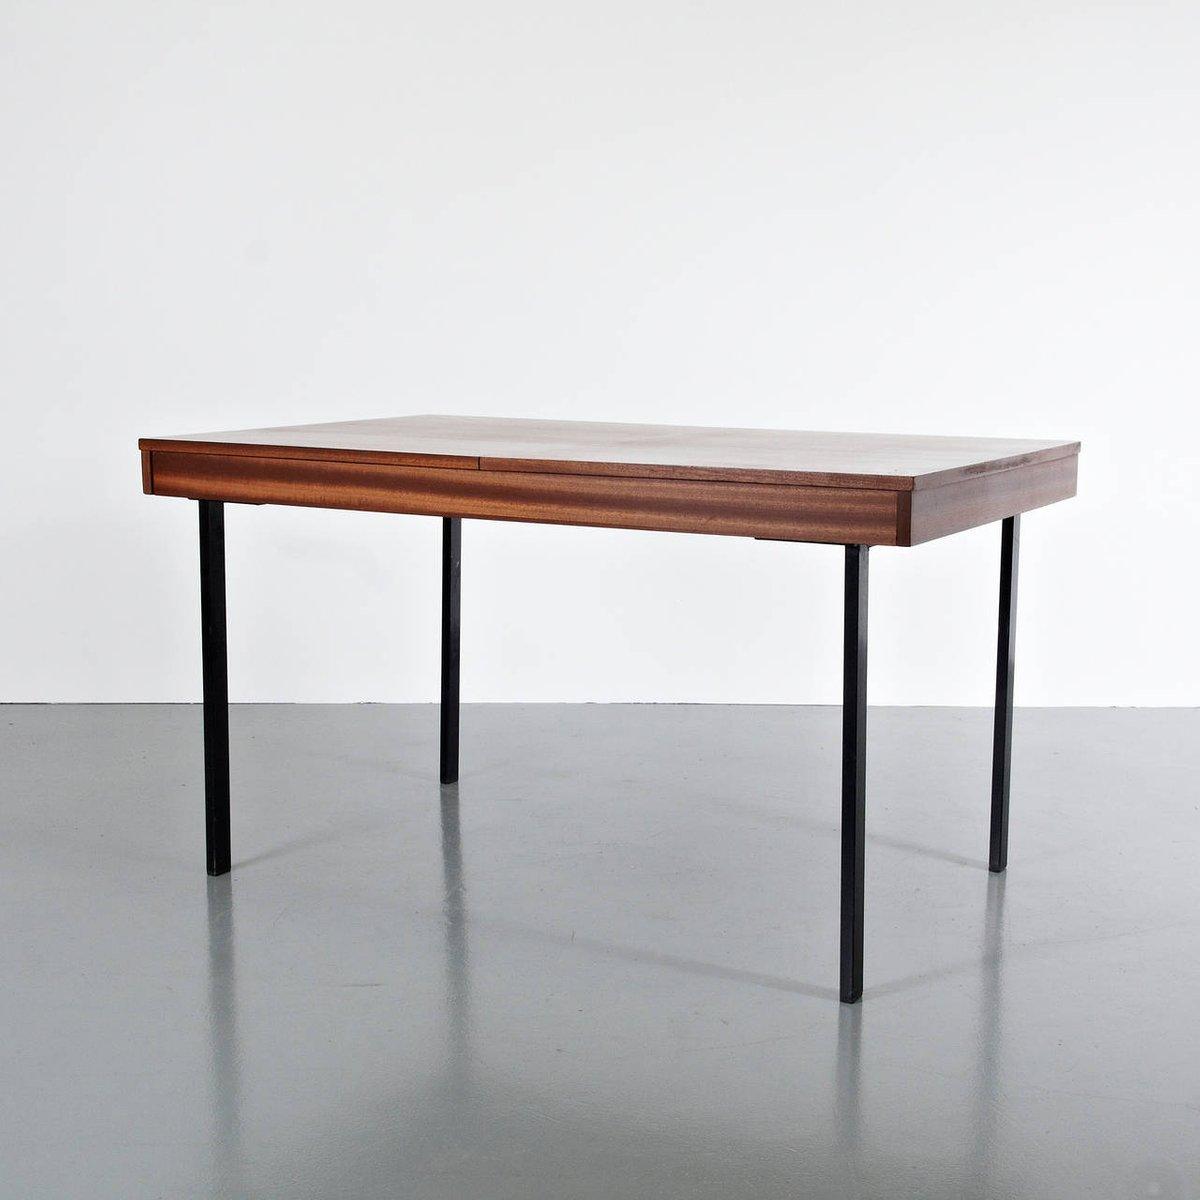 Table de salle manger ajustable et extensible par pierre for Salle a manger 1950